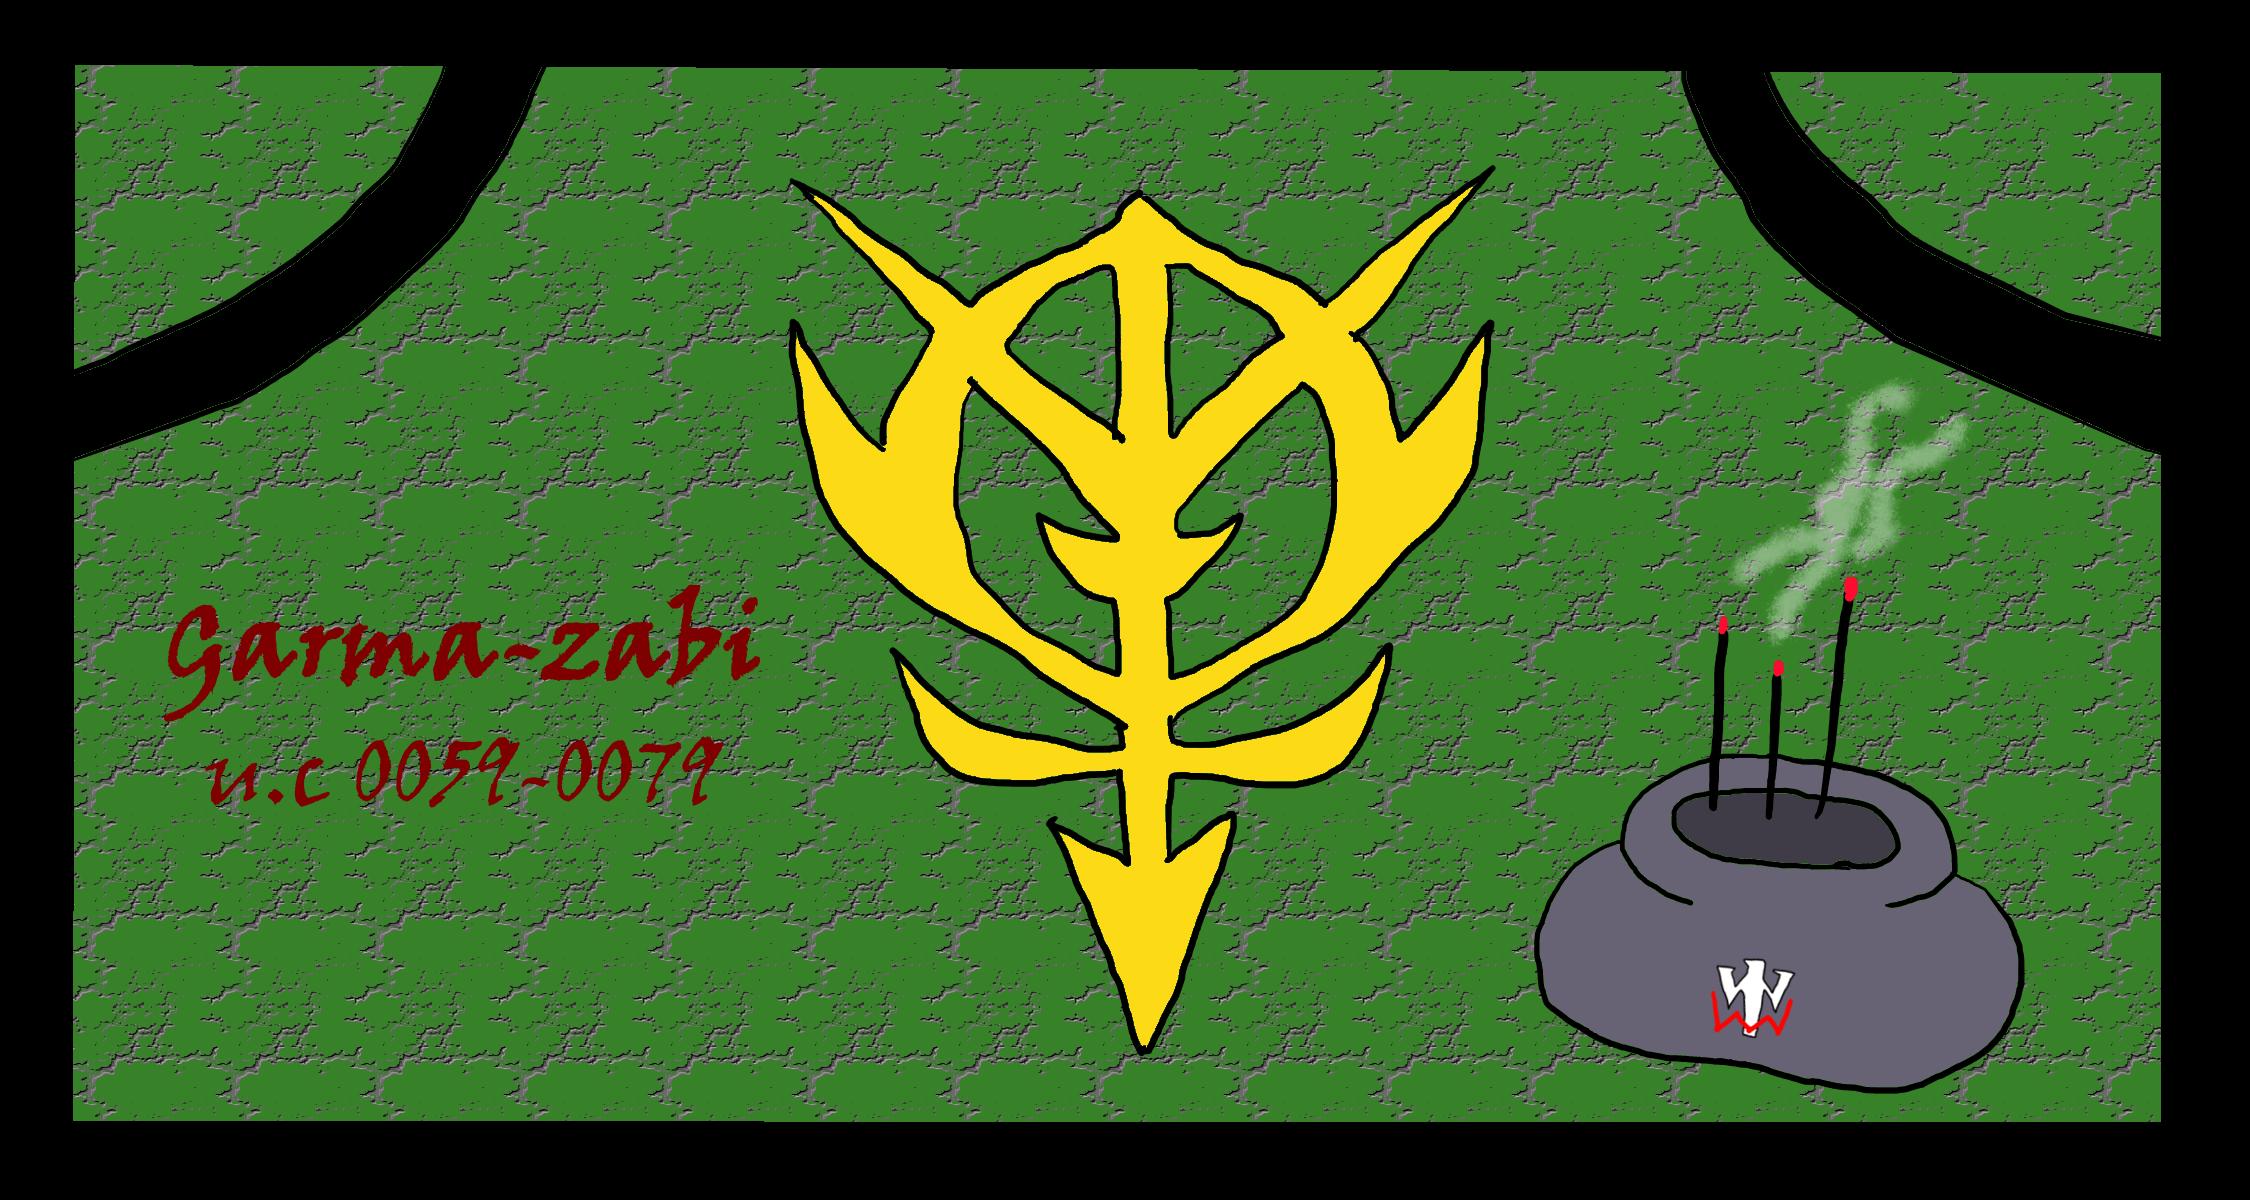 国葬 ガルマ ザビ 戦死